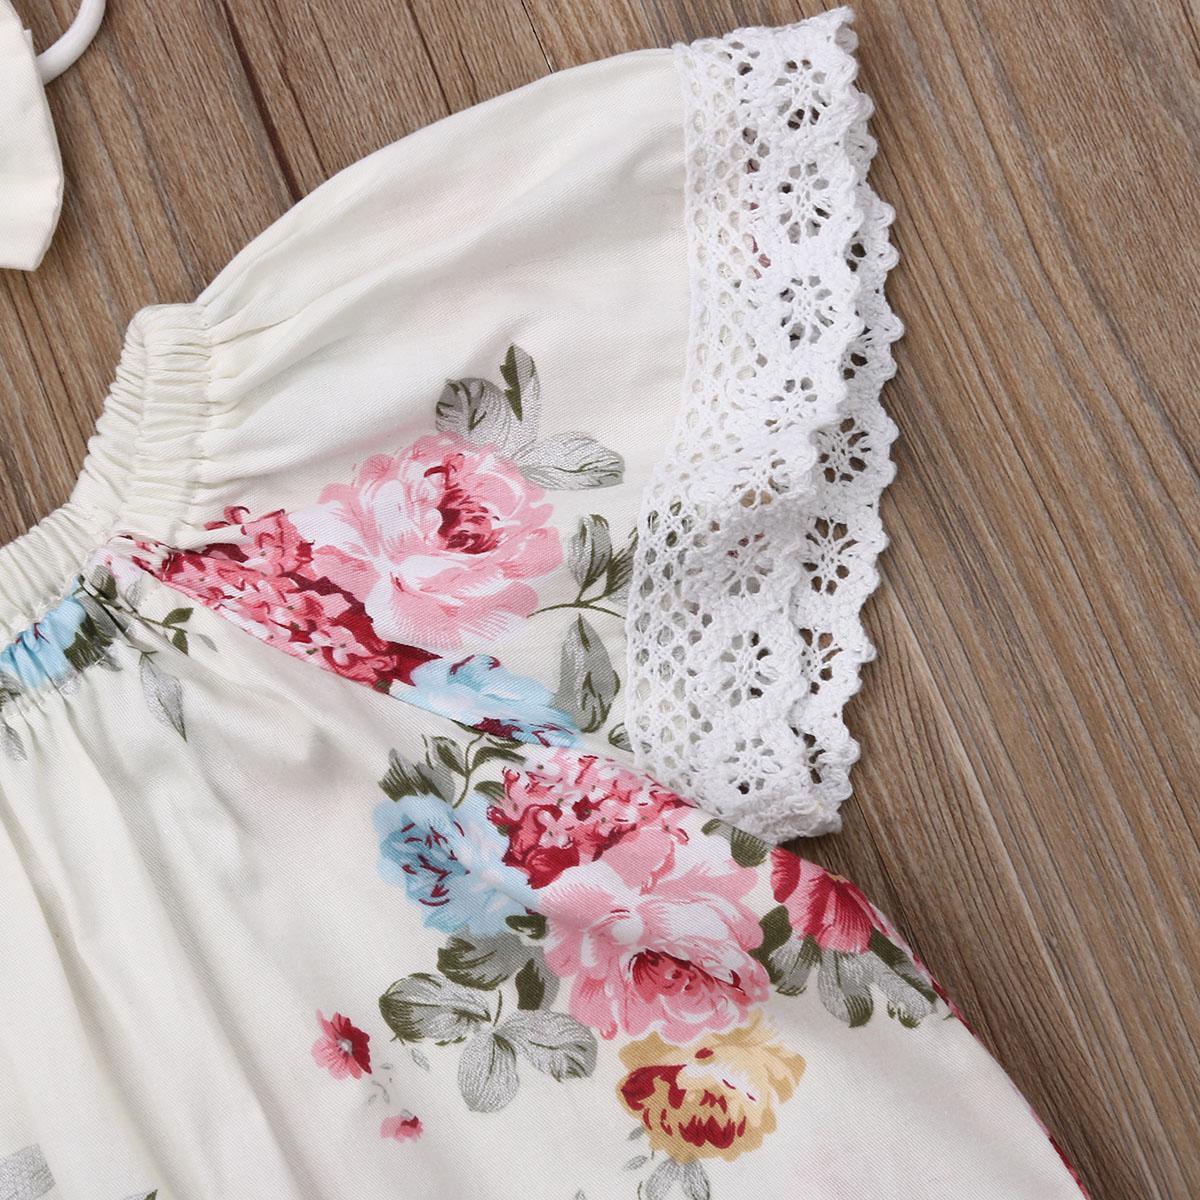 Neugeborenes Baby Bodys Outfits Prinzessin nette Blumen Jumpsuits Kleidung Stirnband 2ST Sets Baby kleines Baby-Kostüme